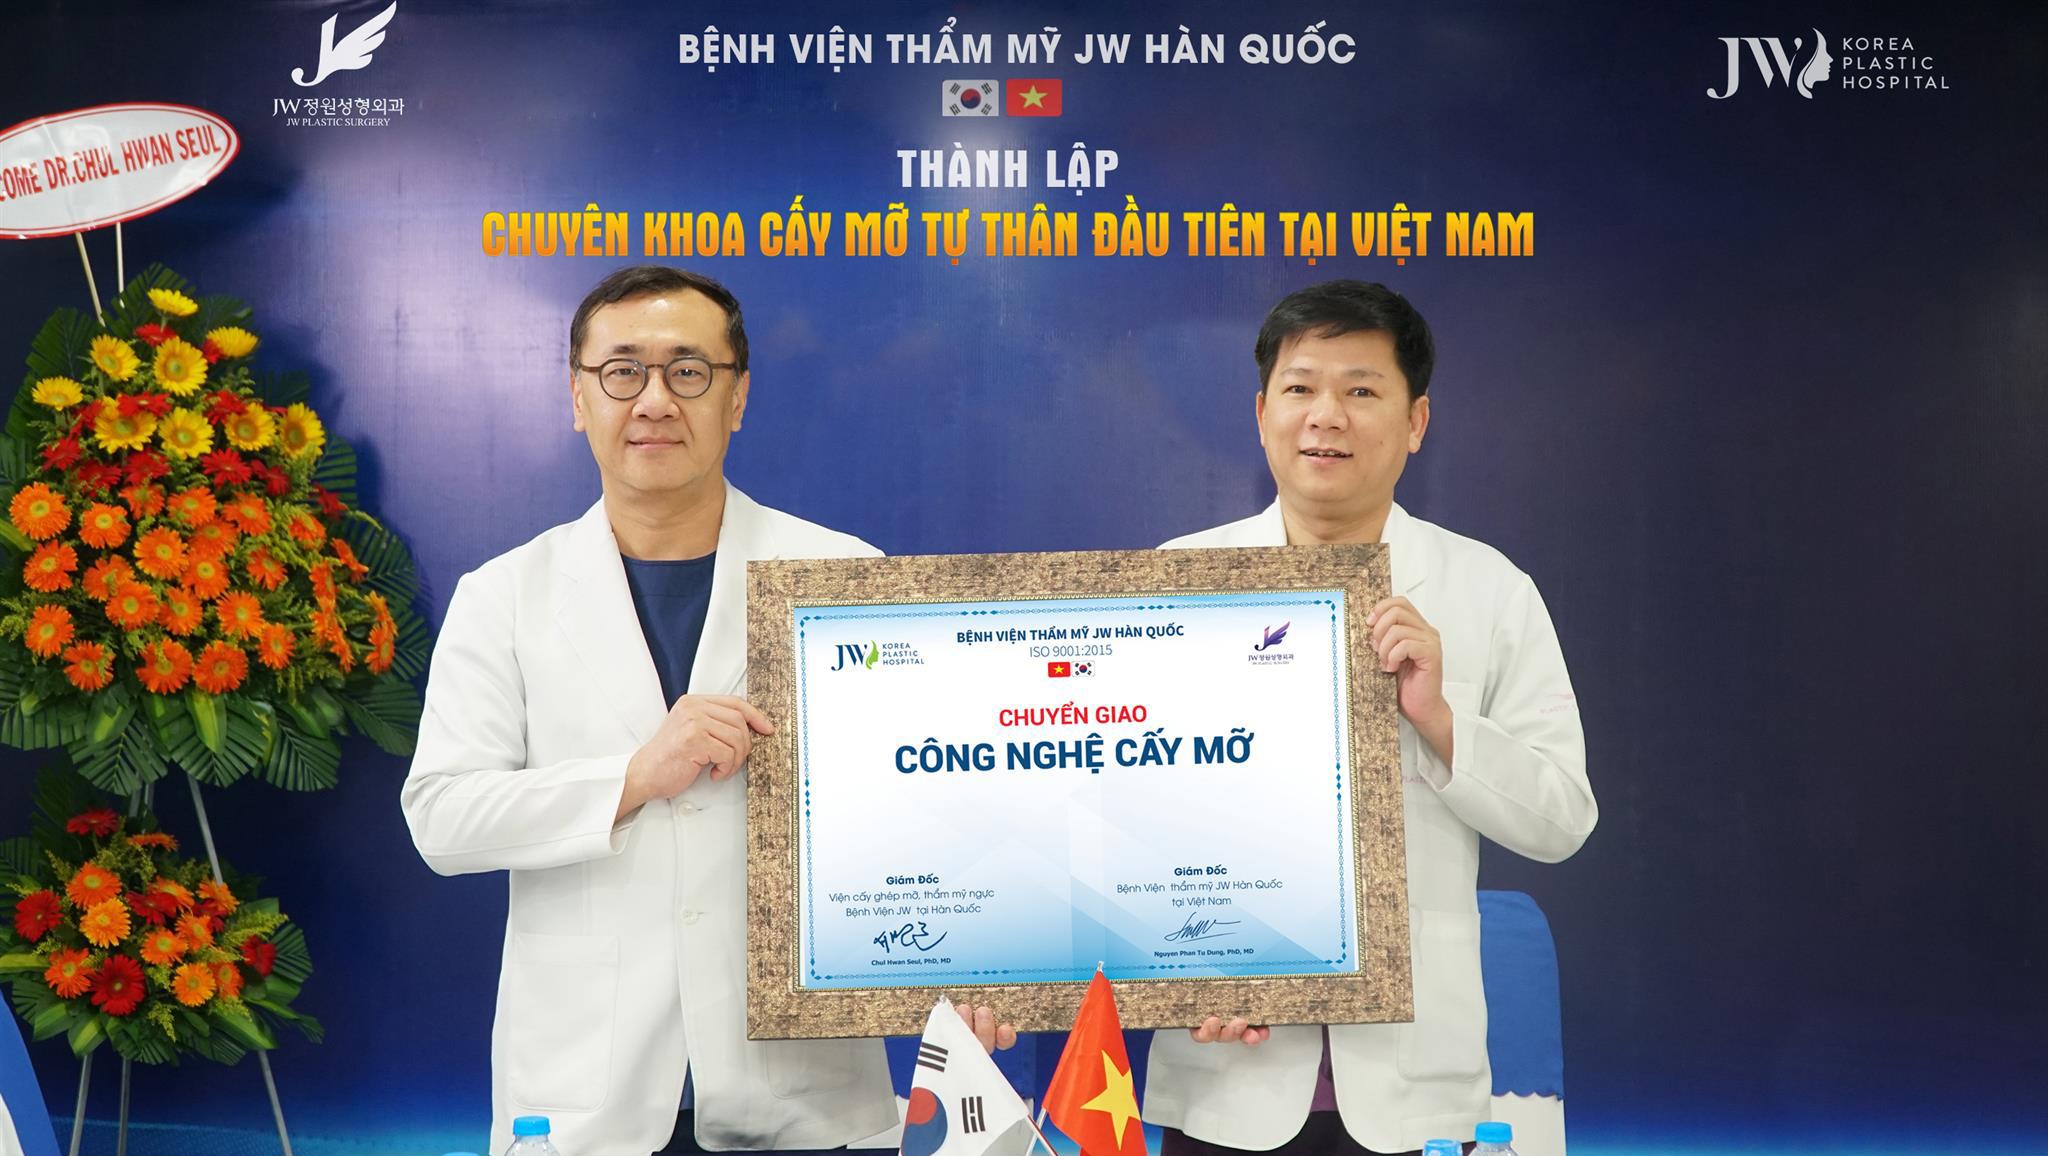 Nâng ngực Golden Line bác sĩ Tú Dung